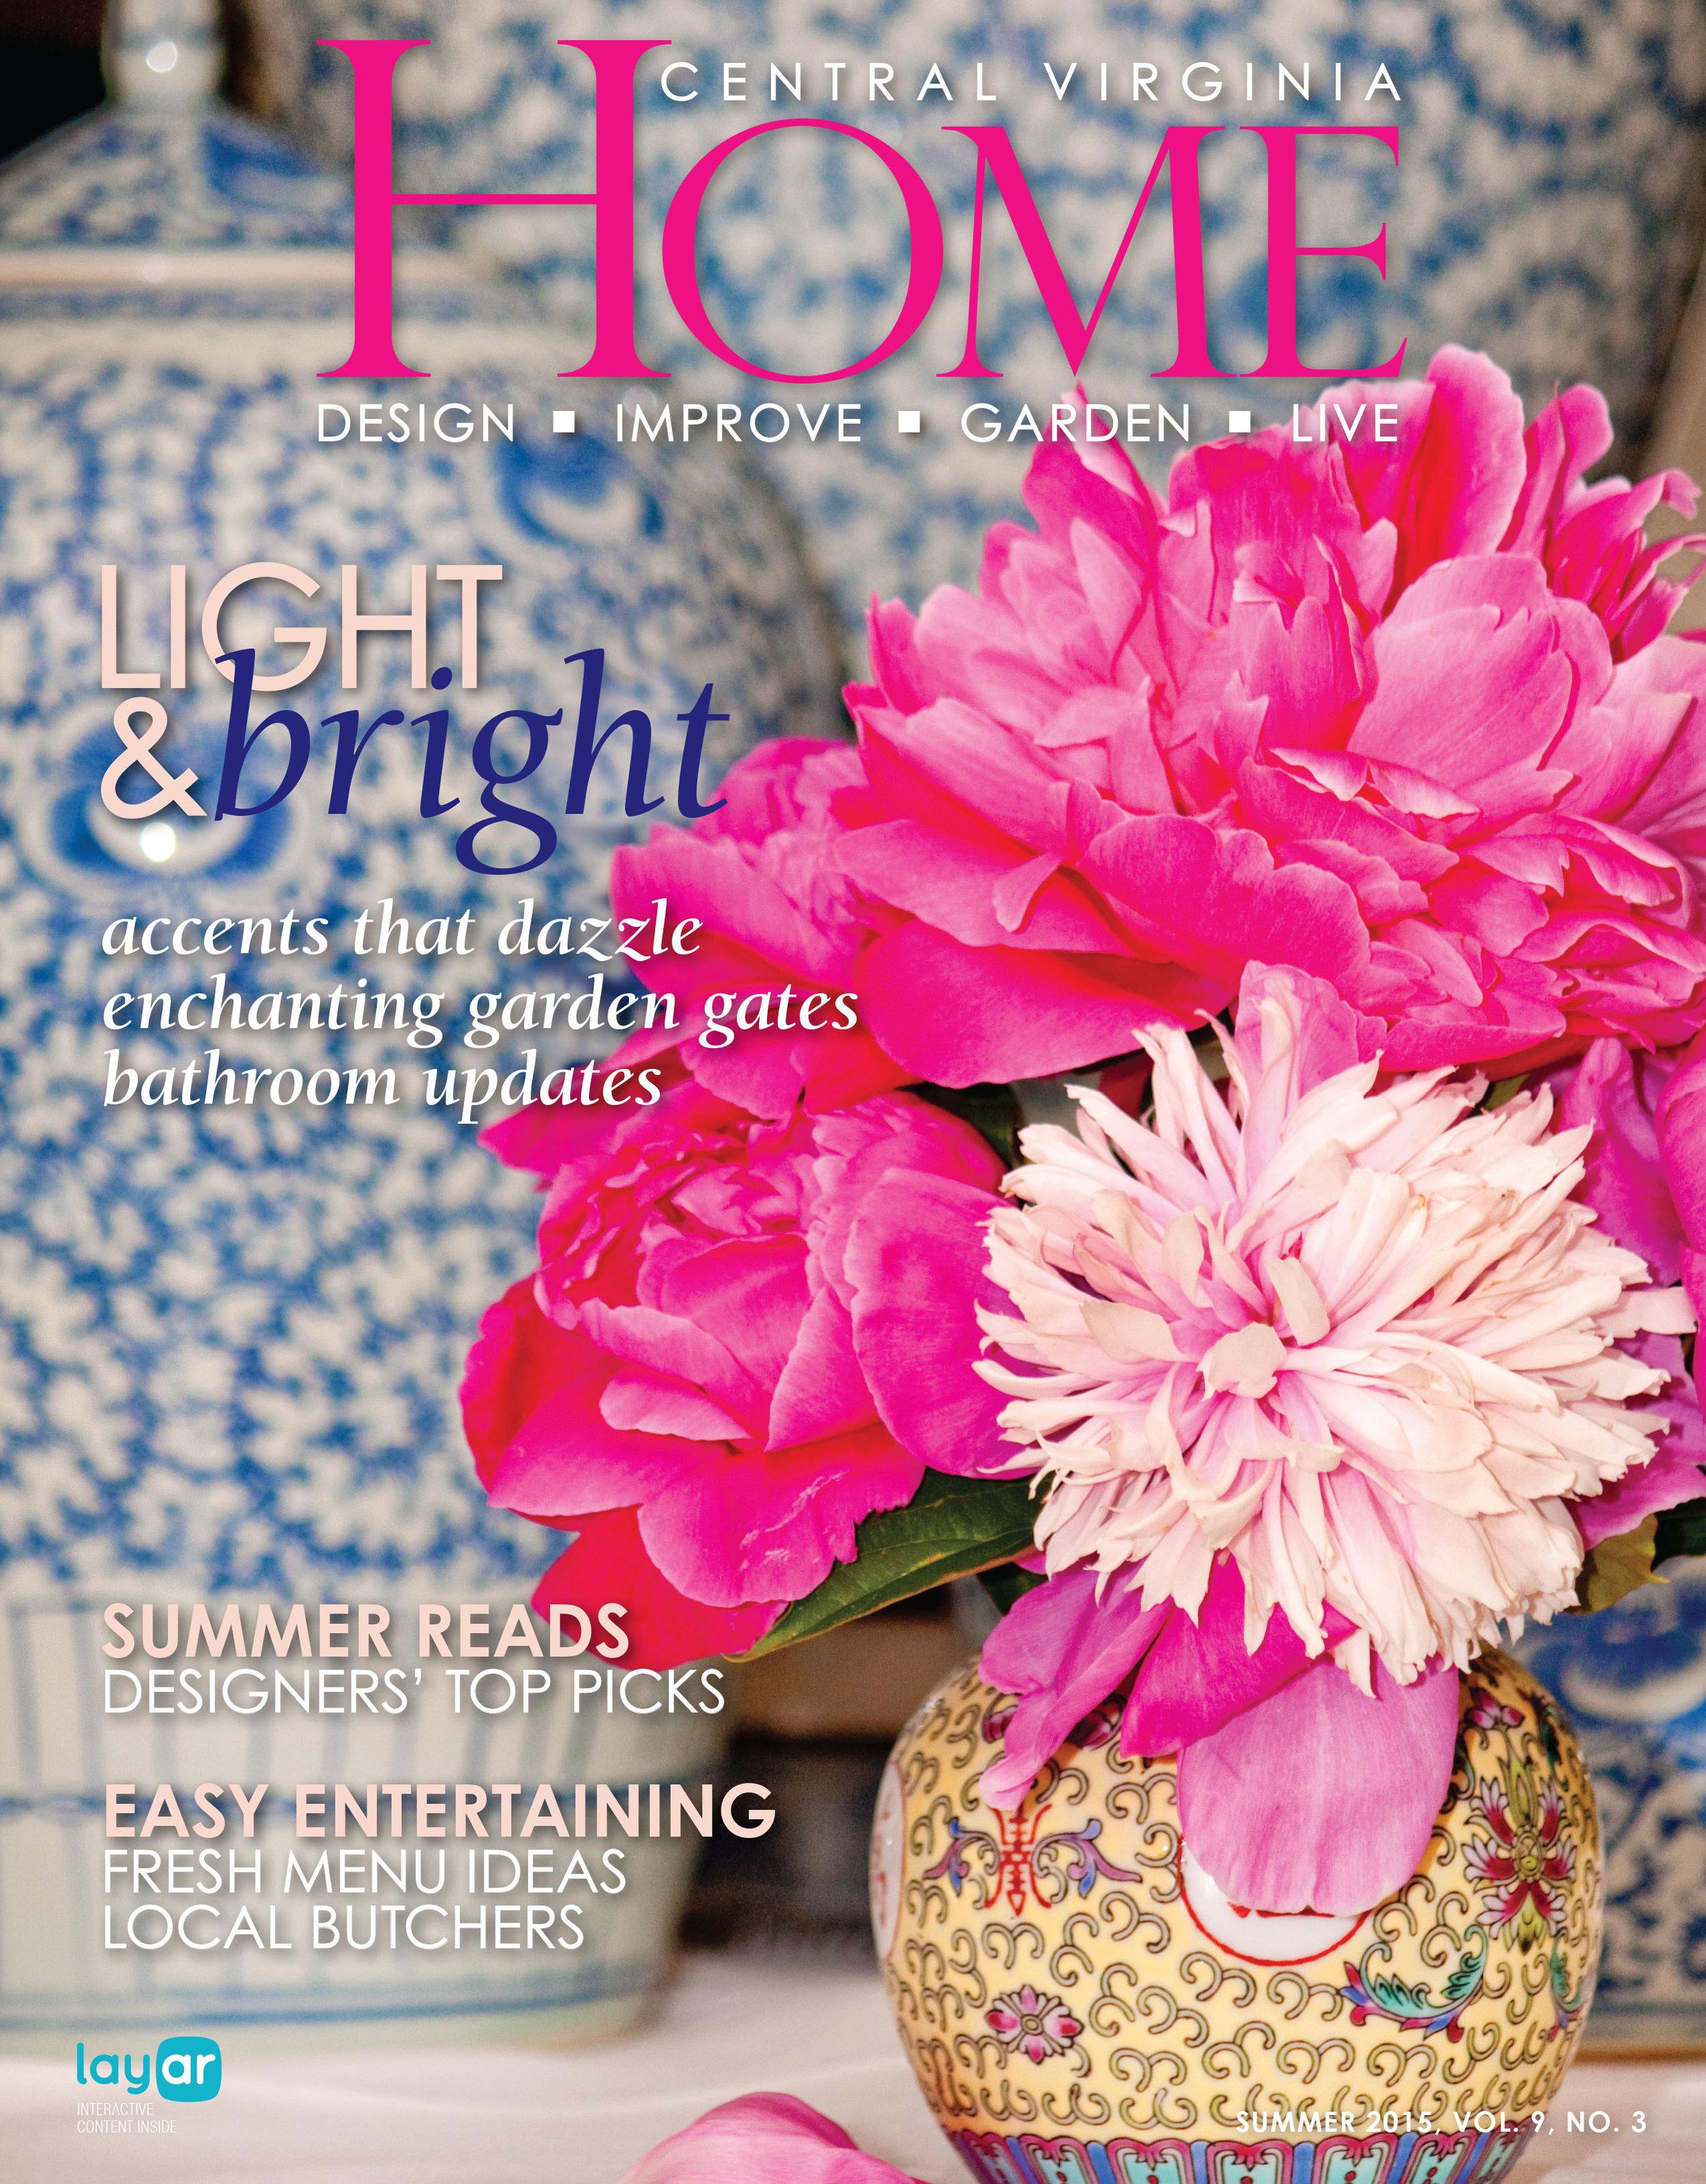 Summer CV HOME 2015 Cover.jpg